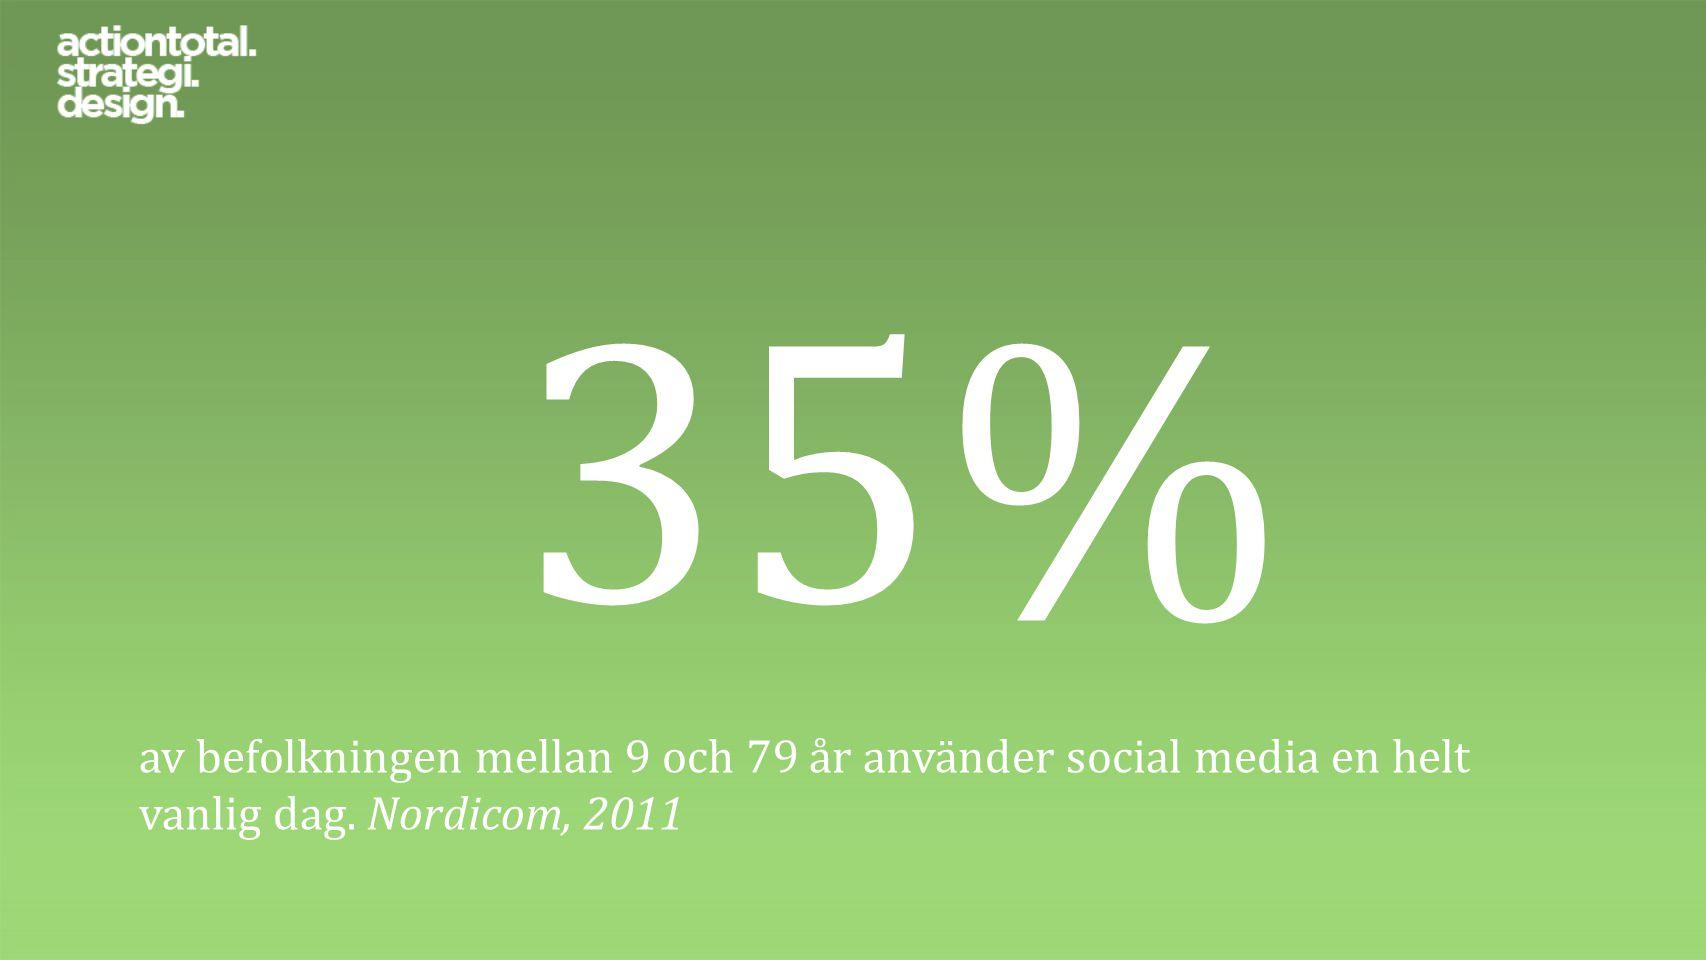 53,5% av svenska bloggläsare har köpt en produkt eller tjänst som blivit omnämnd eller rekommenderad i en blogg.